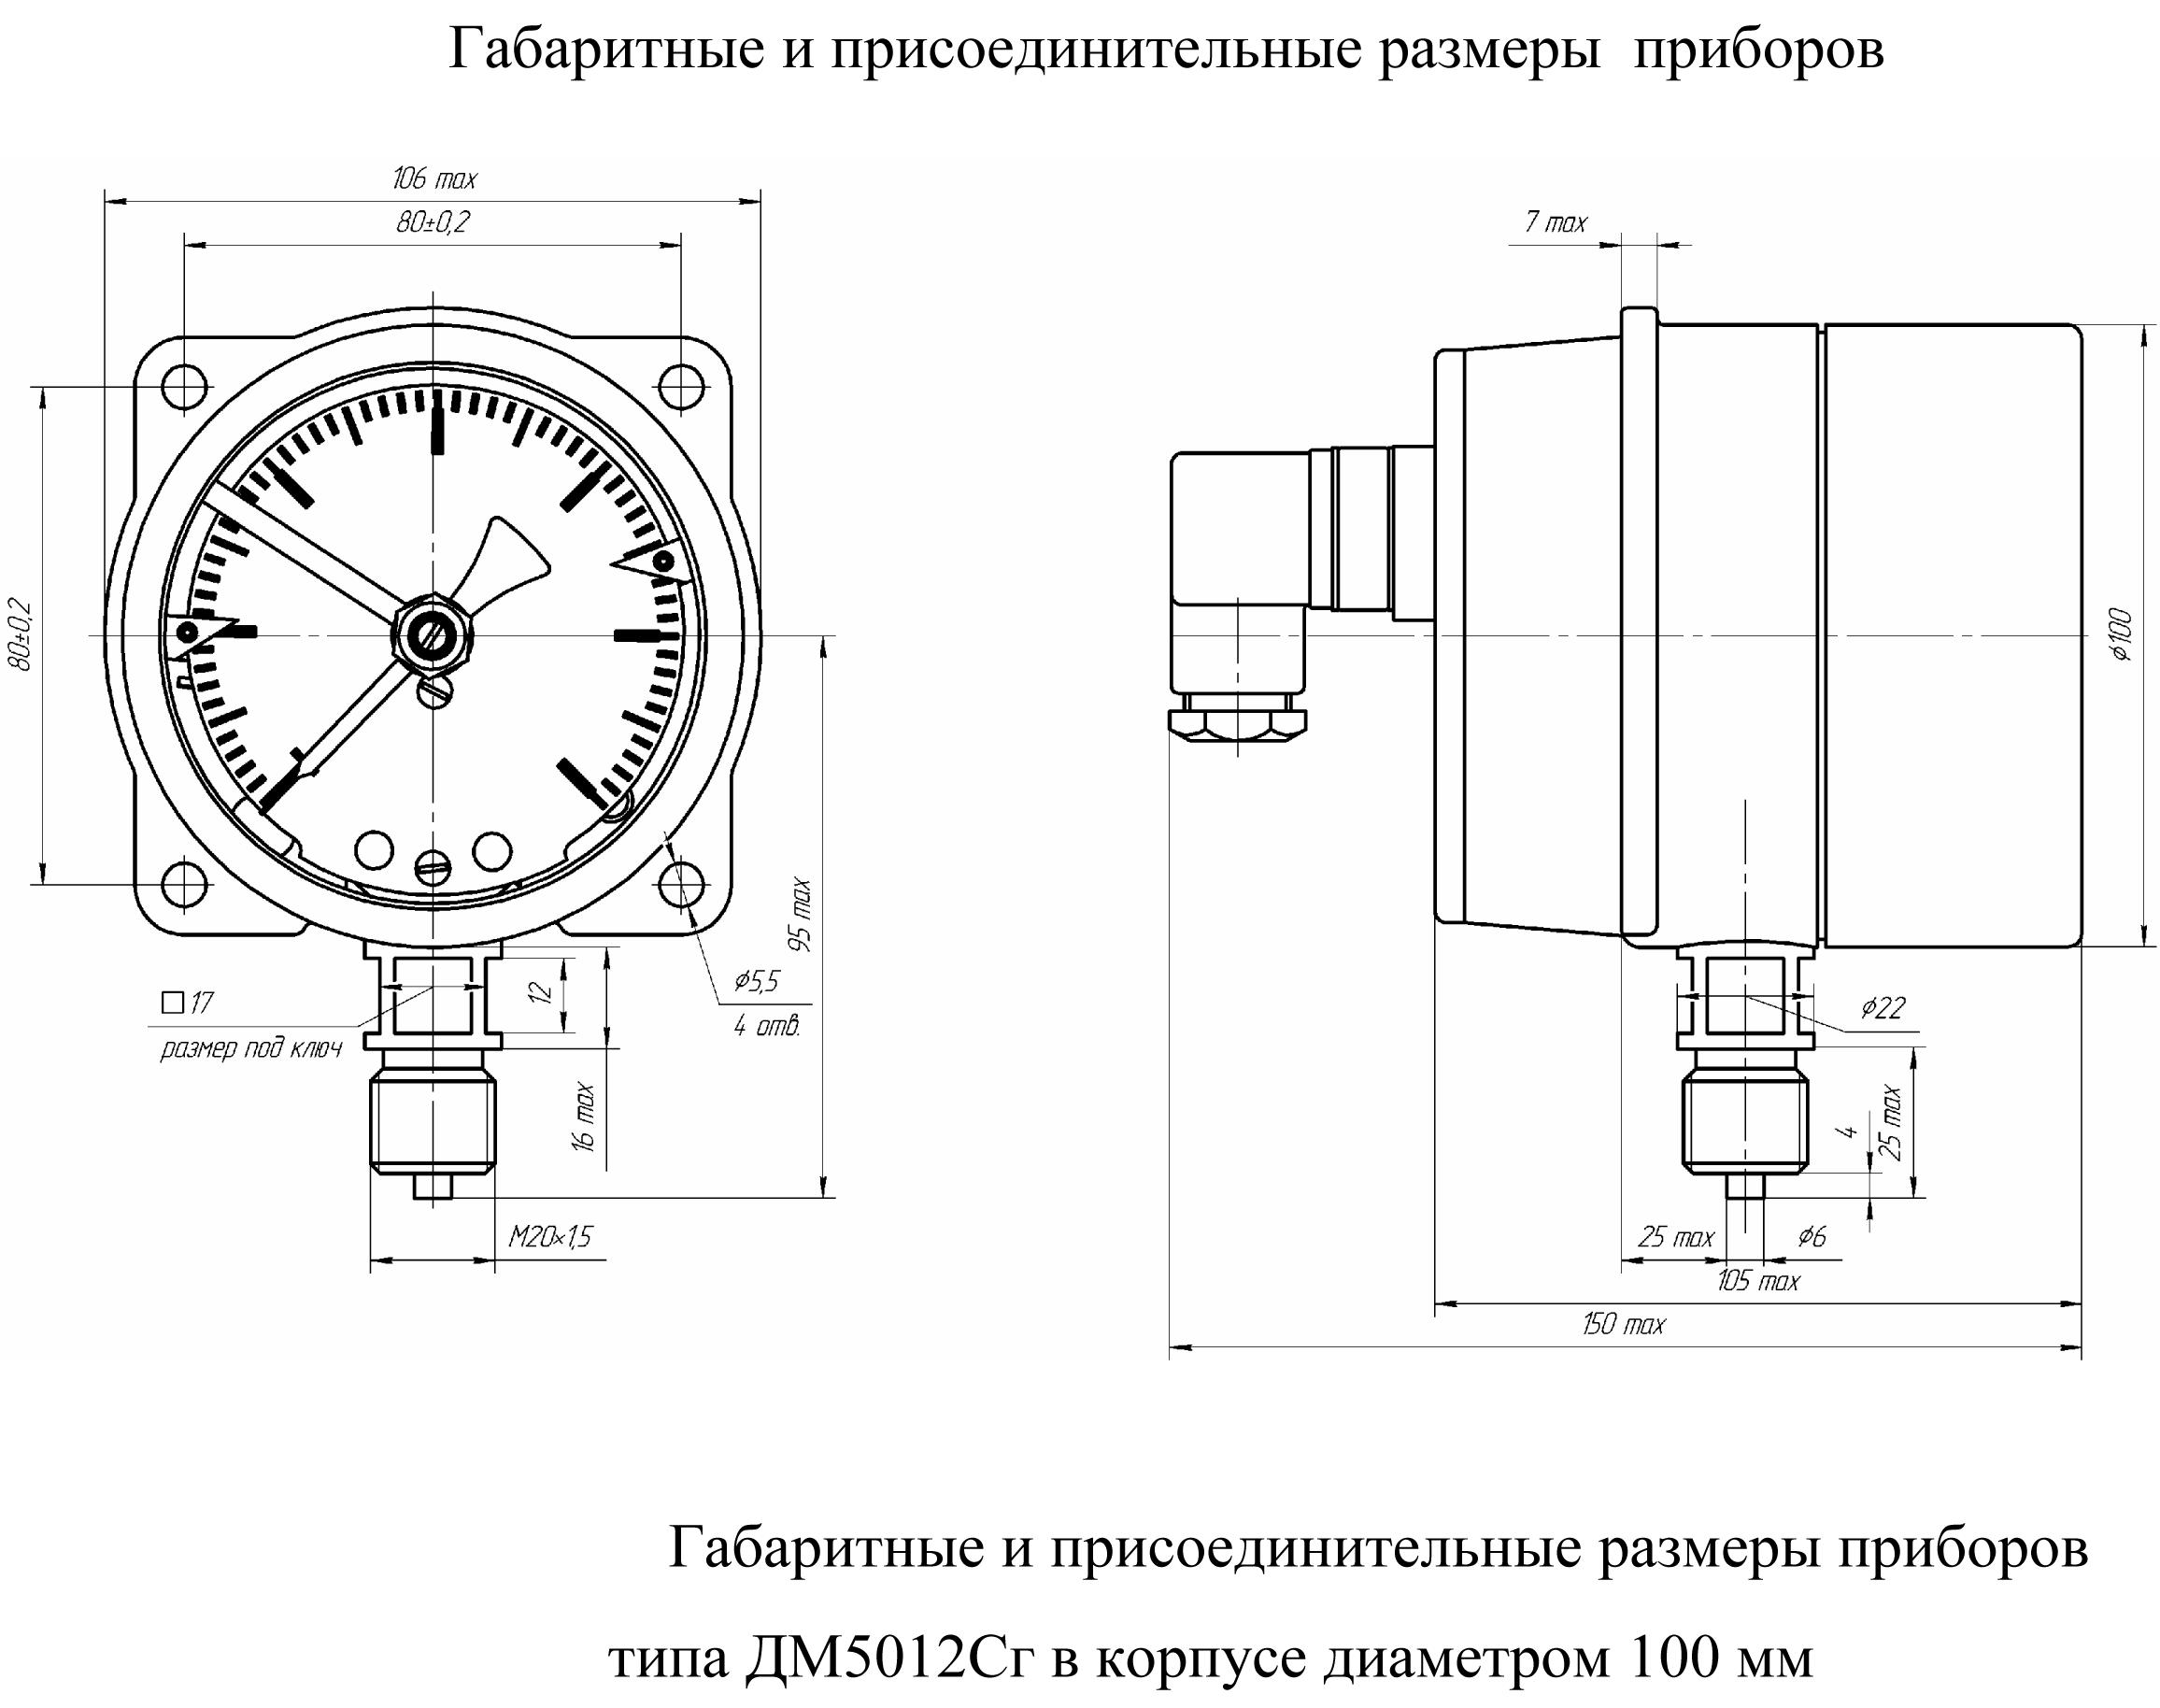 электрическая схема подключения манометра дм